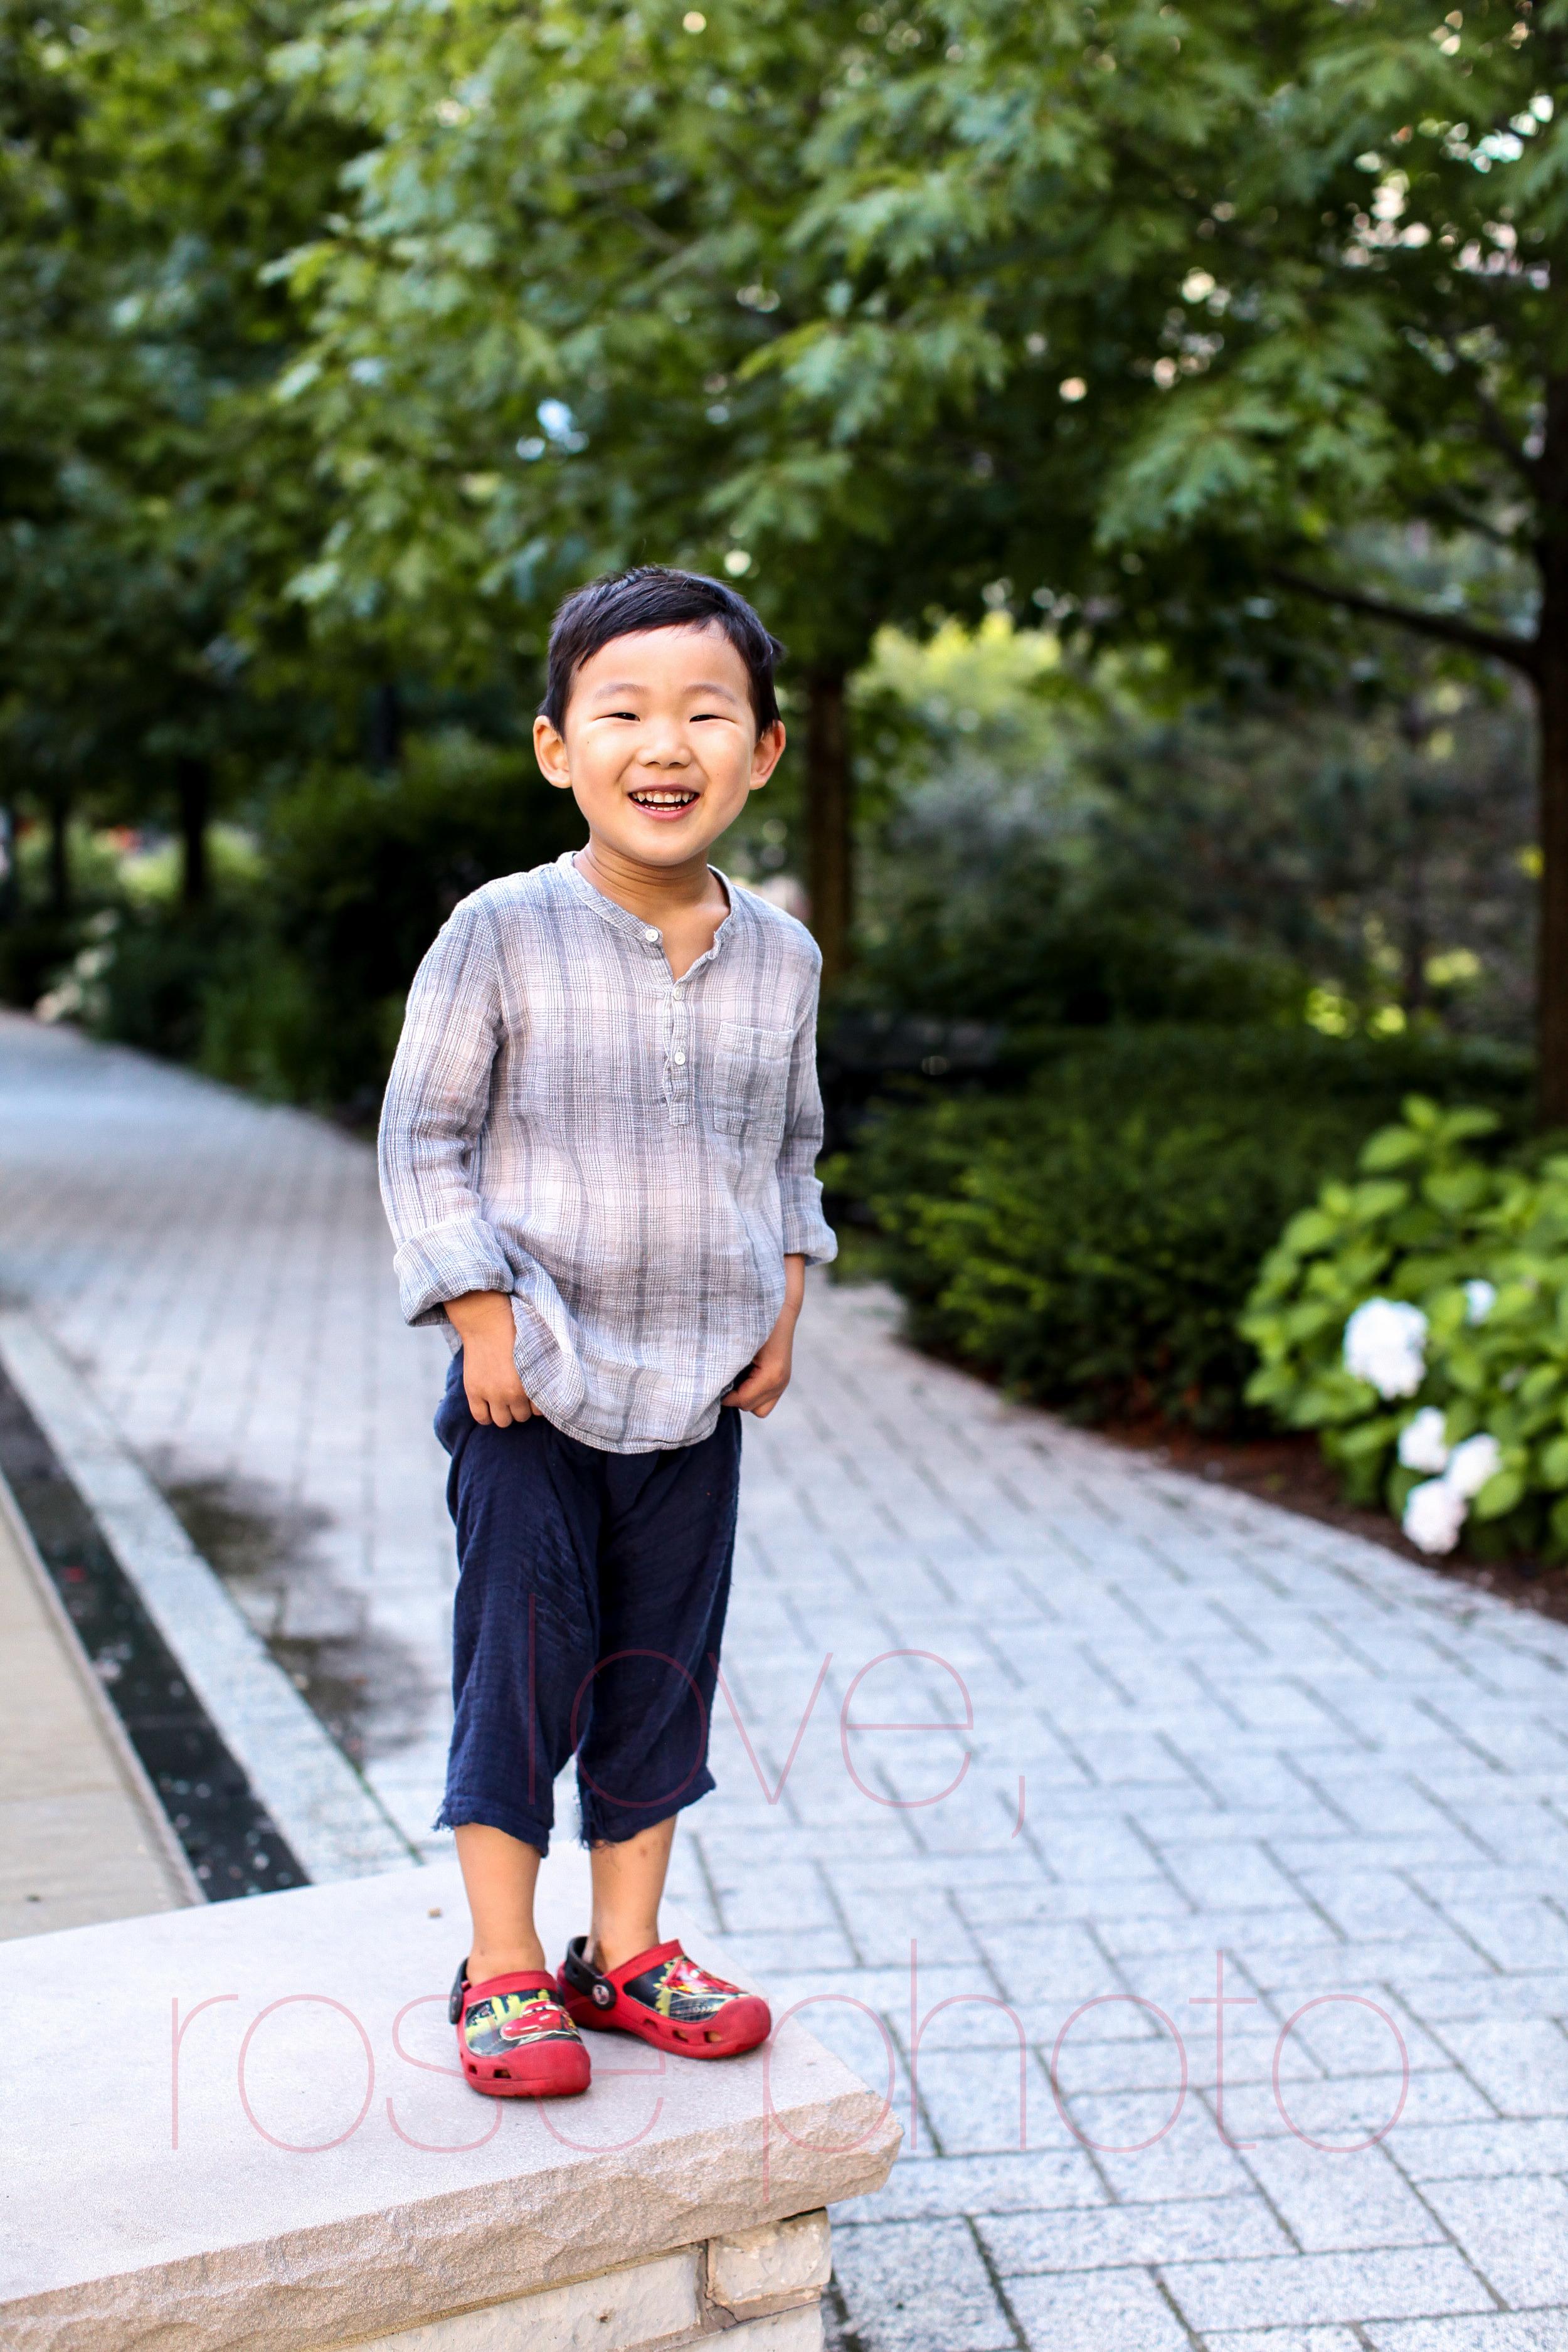 chicago lakeshore east children's photographer lifestyle portrait photography millenium park -003.jpg